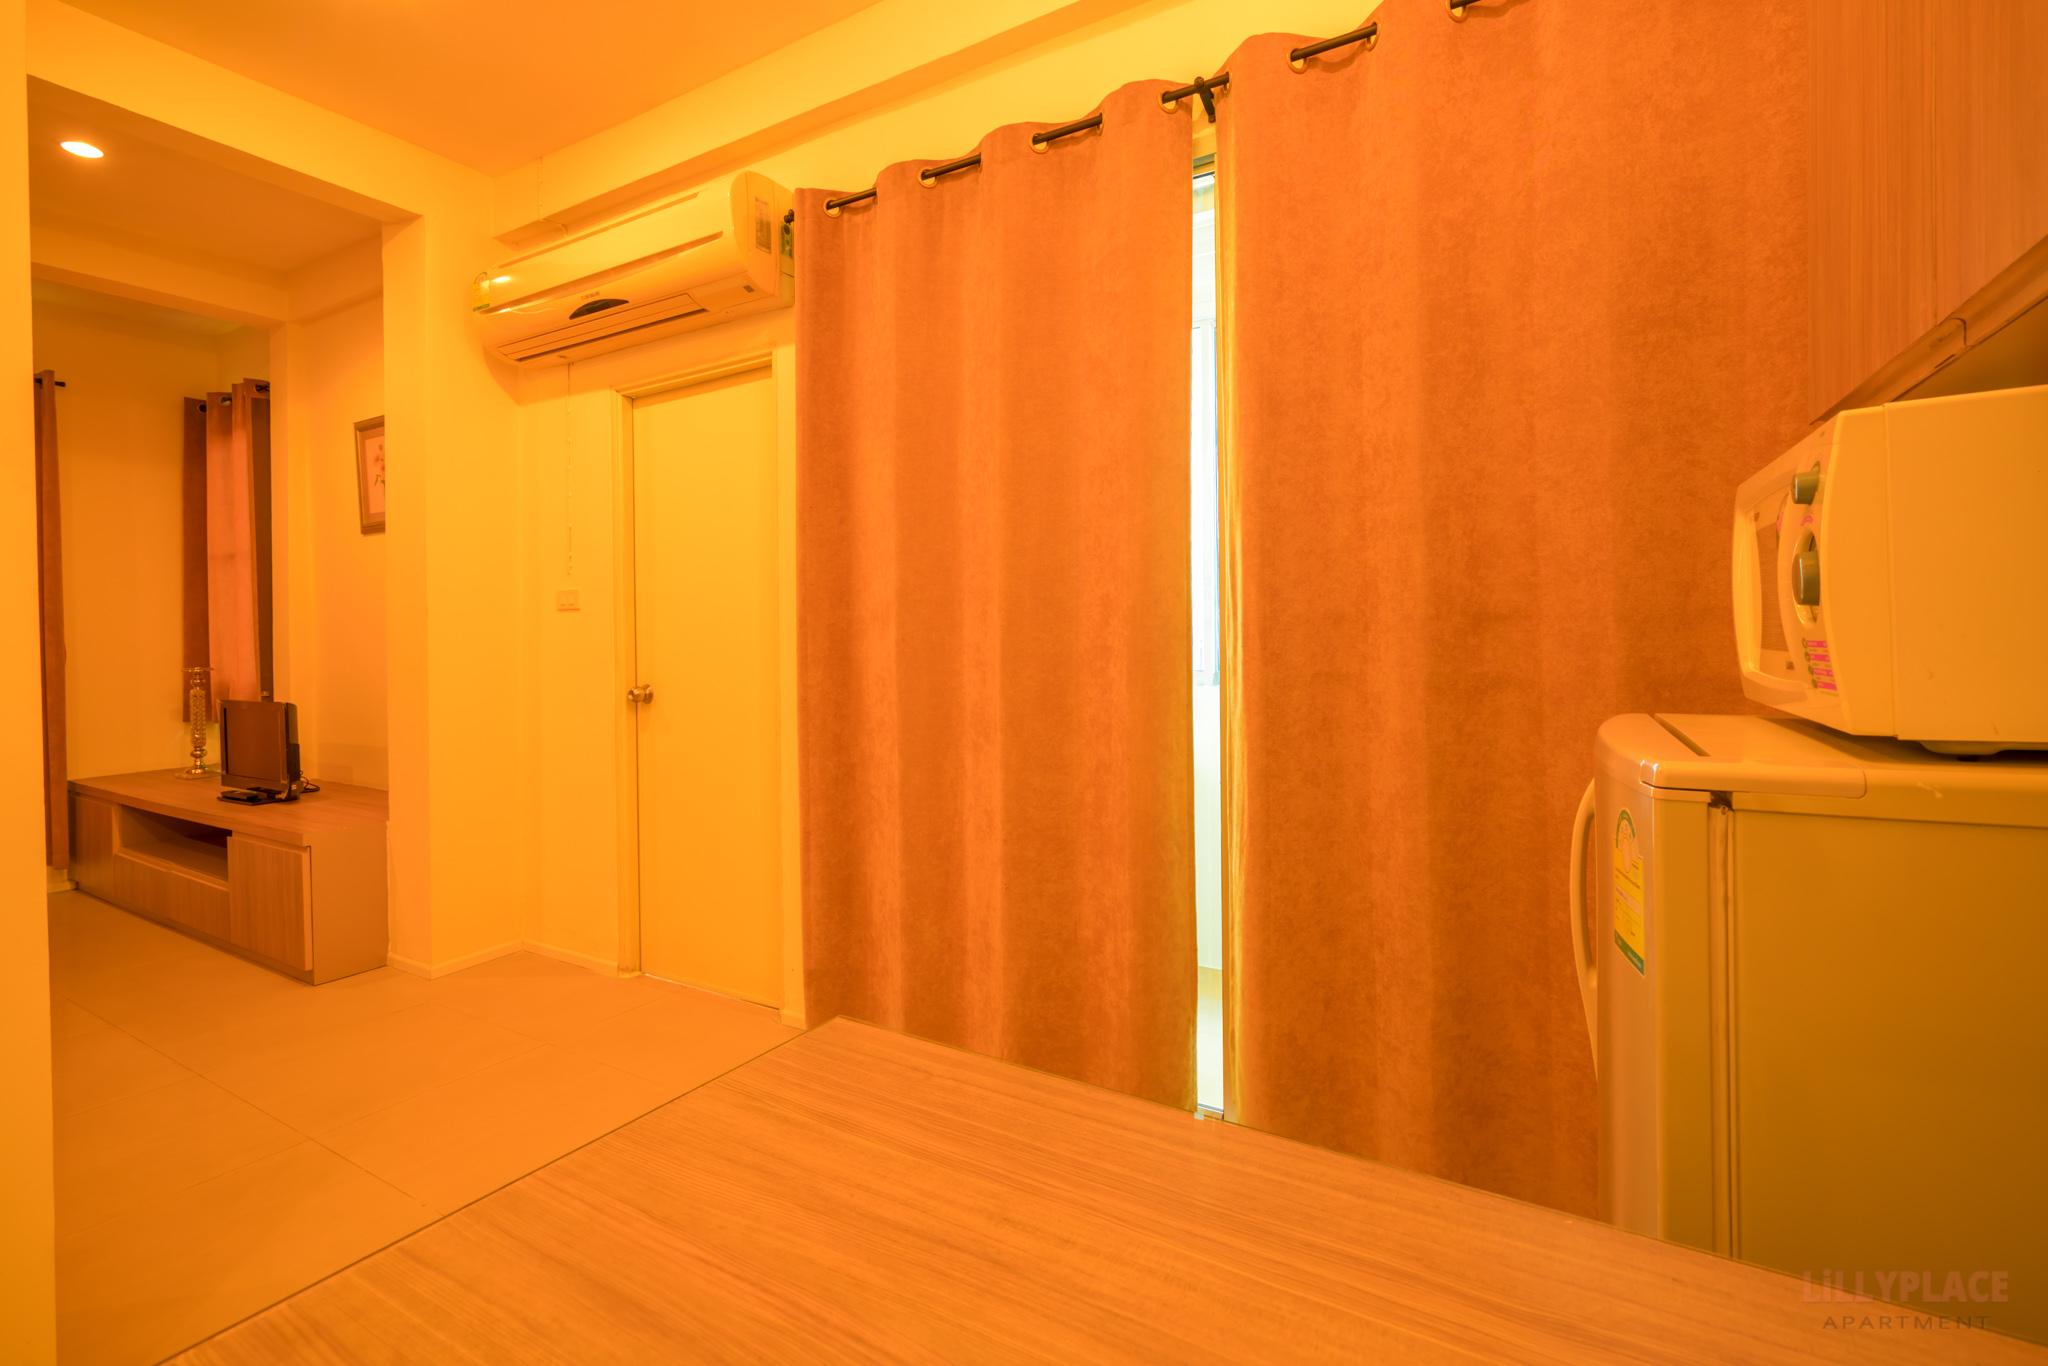 ลิลลี่เพลส อพาร์ทเมนท์ ที่พักไบเทคบางนา BTSแบริ่ง-บางนา ลาซาล